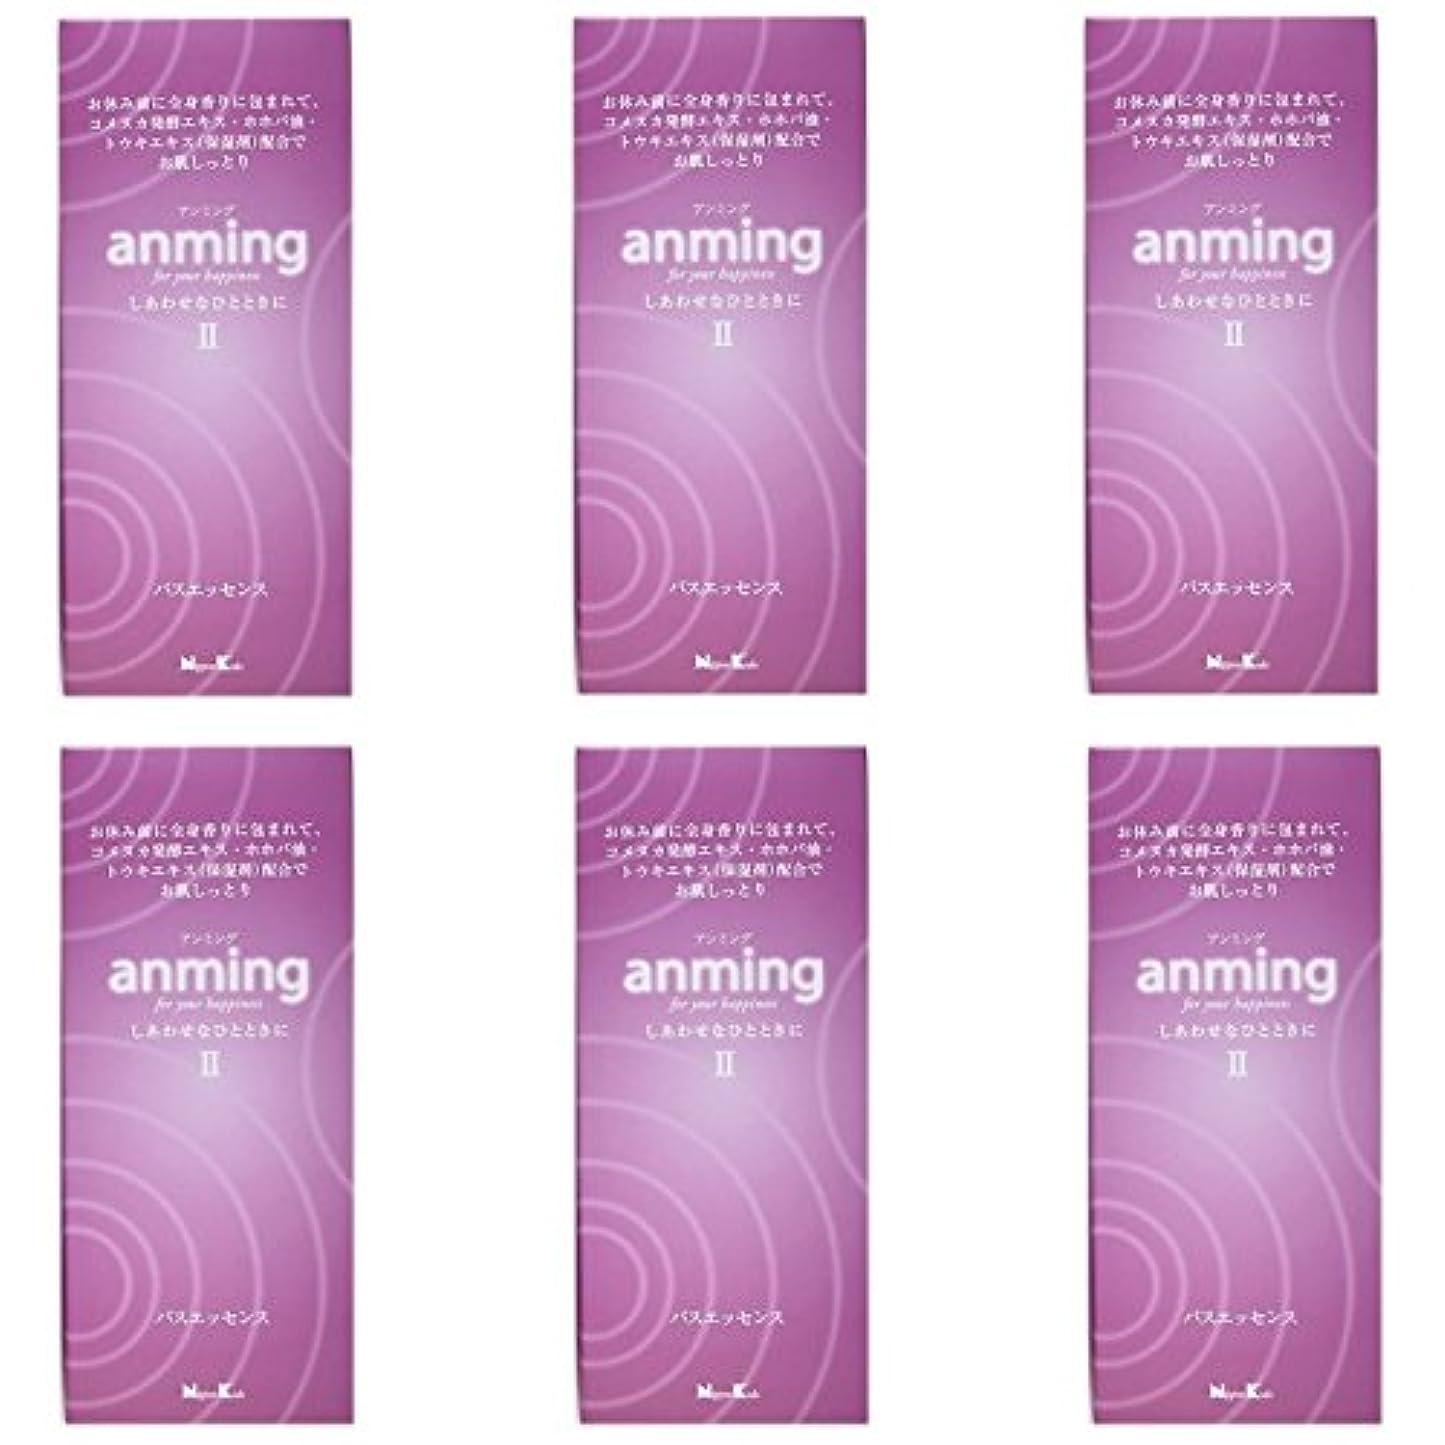 意識的ピケ指定する【まとめ買い】anming2(アンミング2) バスエッセンス 480ml ×6個